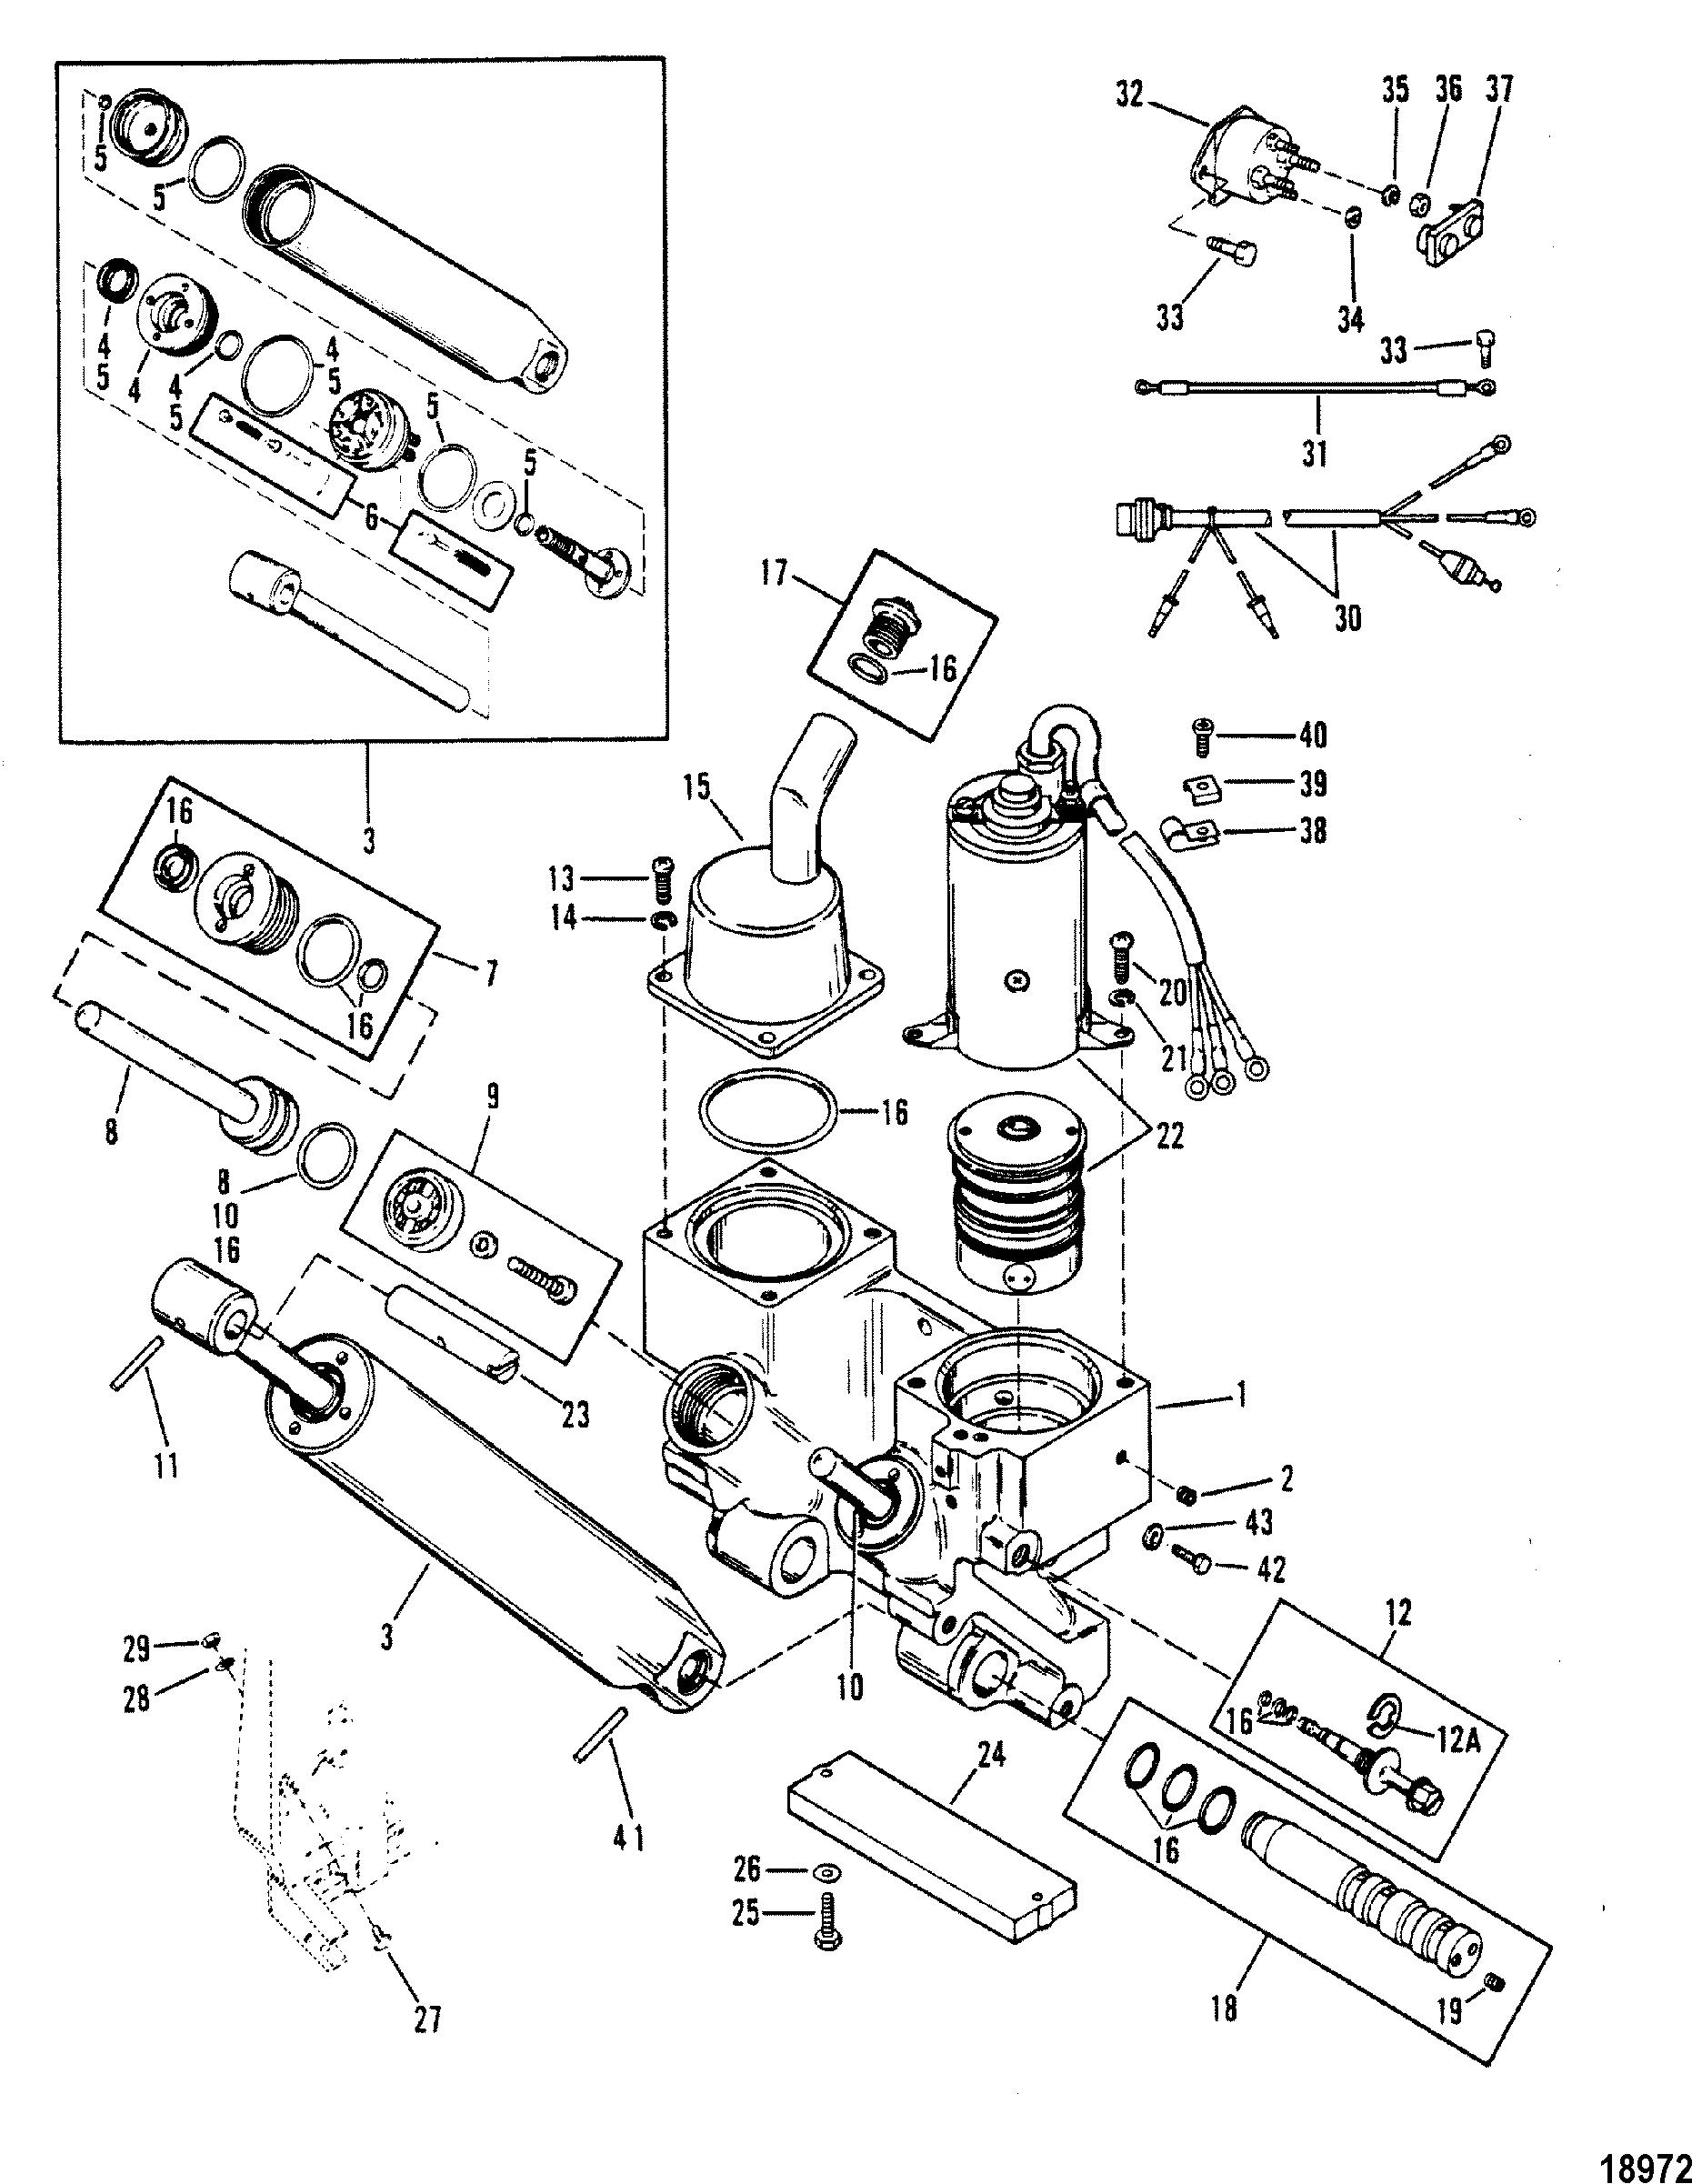 1976 mercury mariner 200 engine schematics